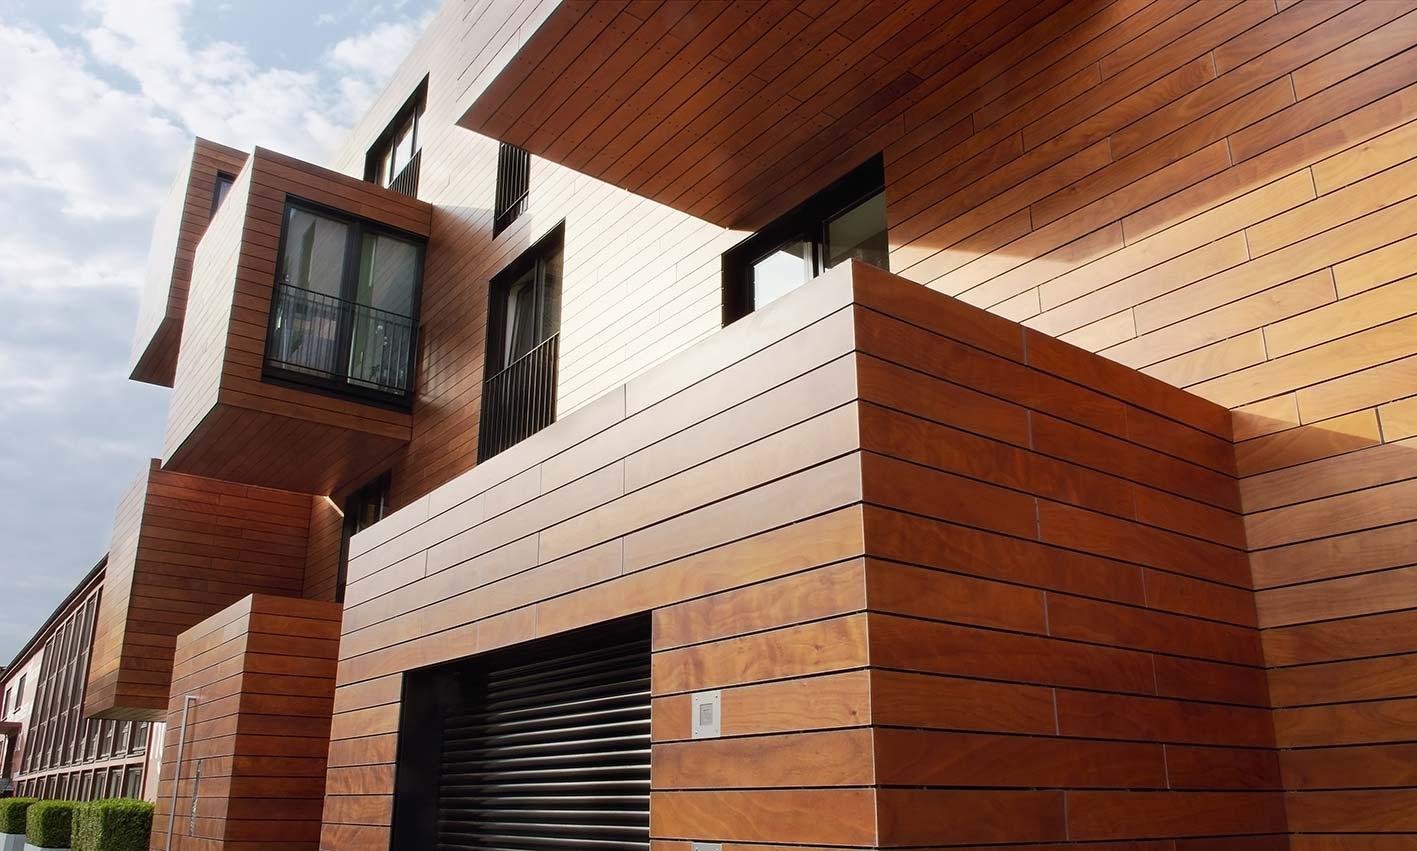 Moduli In And Realizzazione LegnoKairos Abitativi Wood More f76bgy